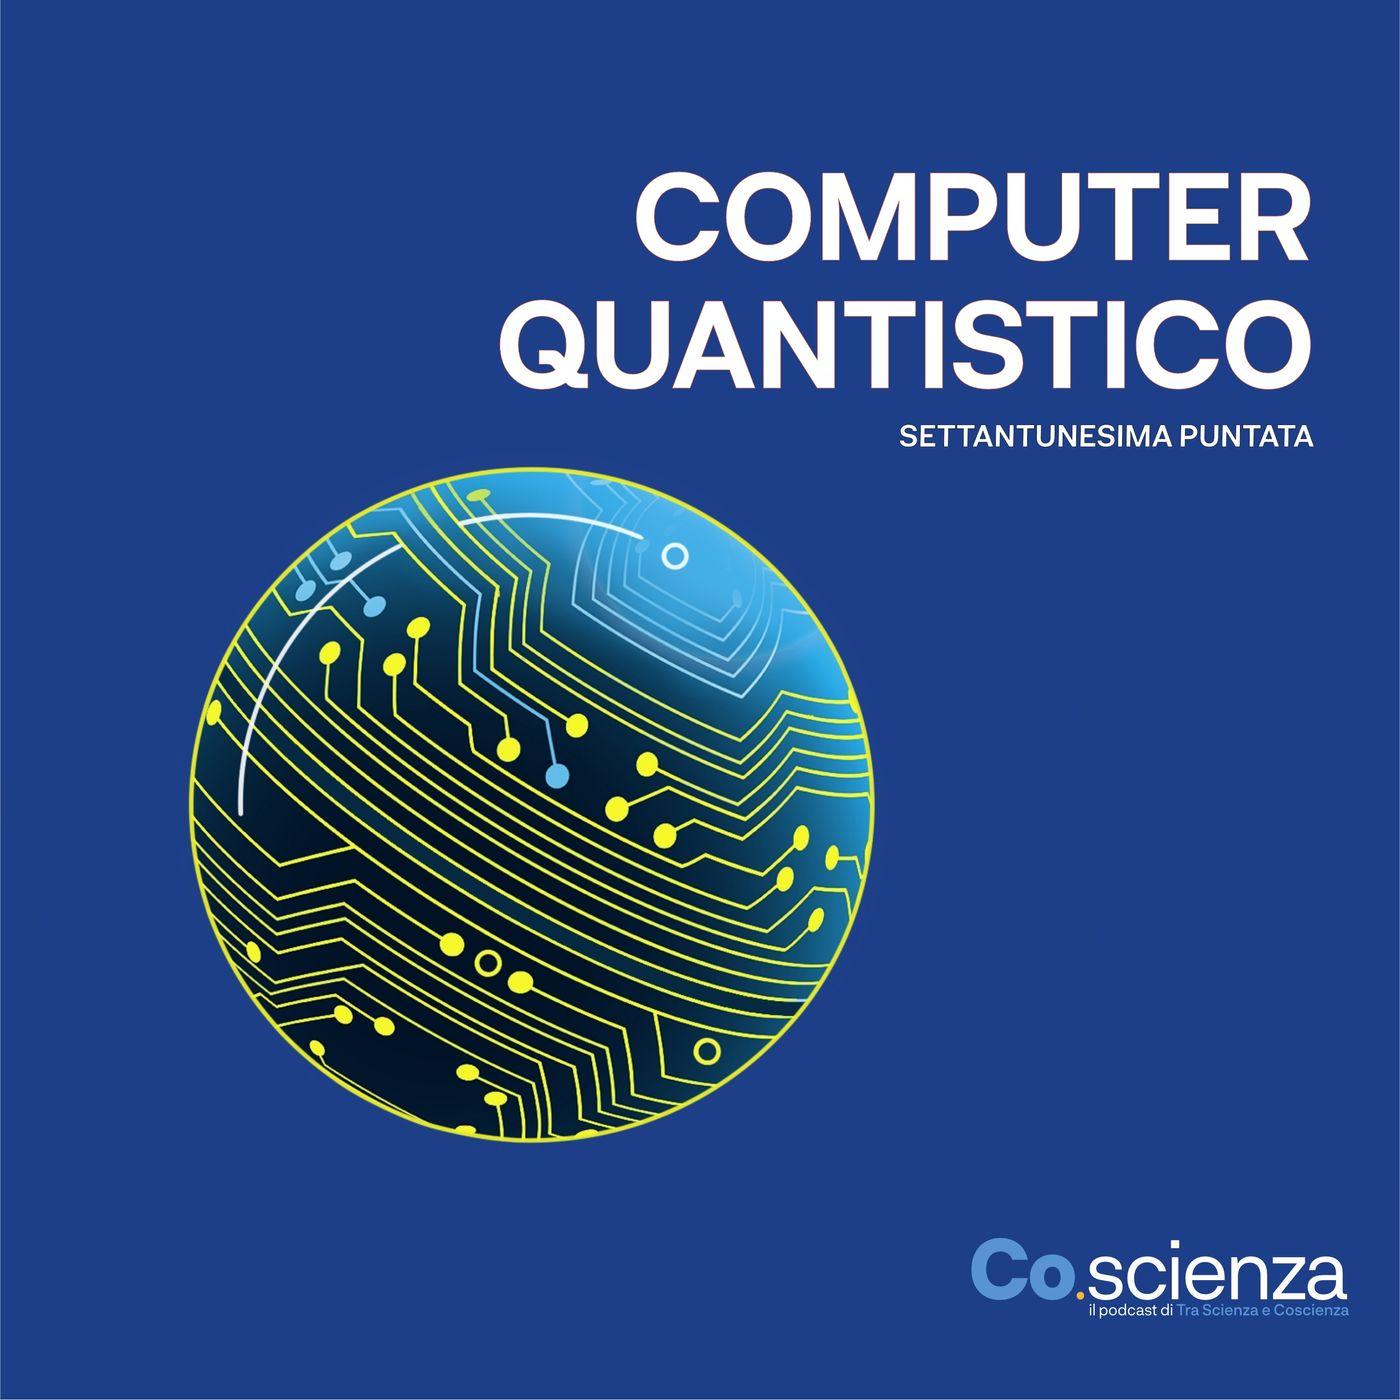 Computer Quantistico (Settantunesima Puntata)